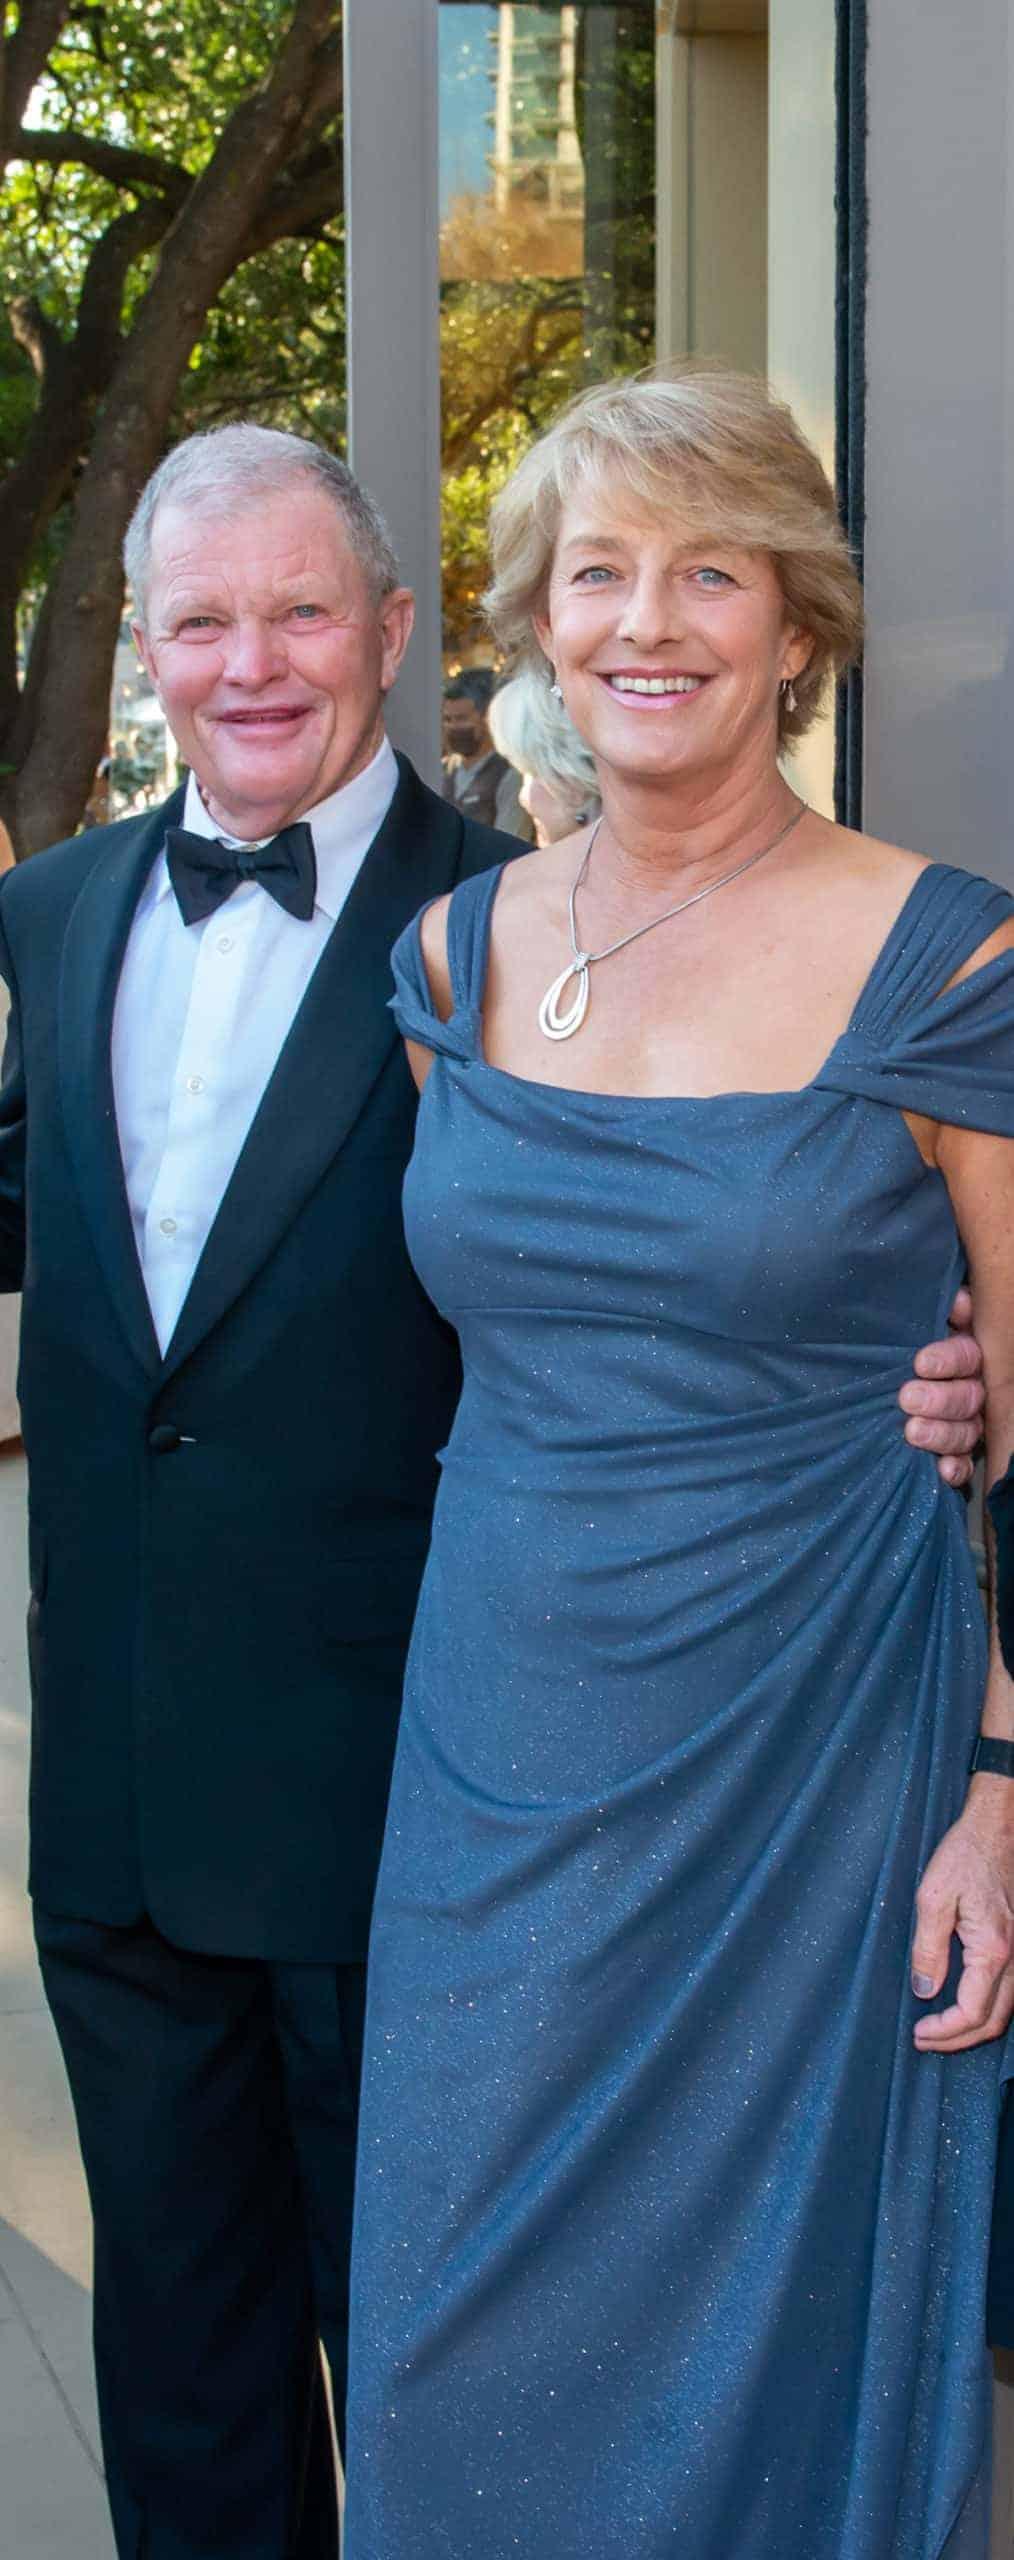 Tom and Sandy Kite